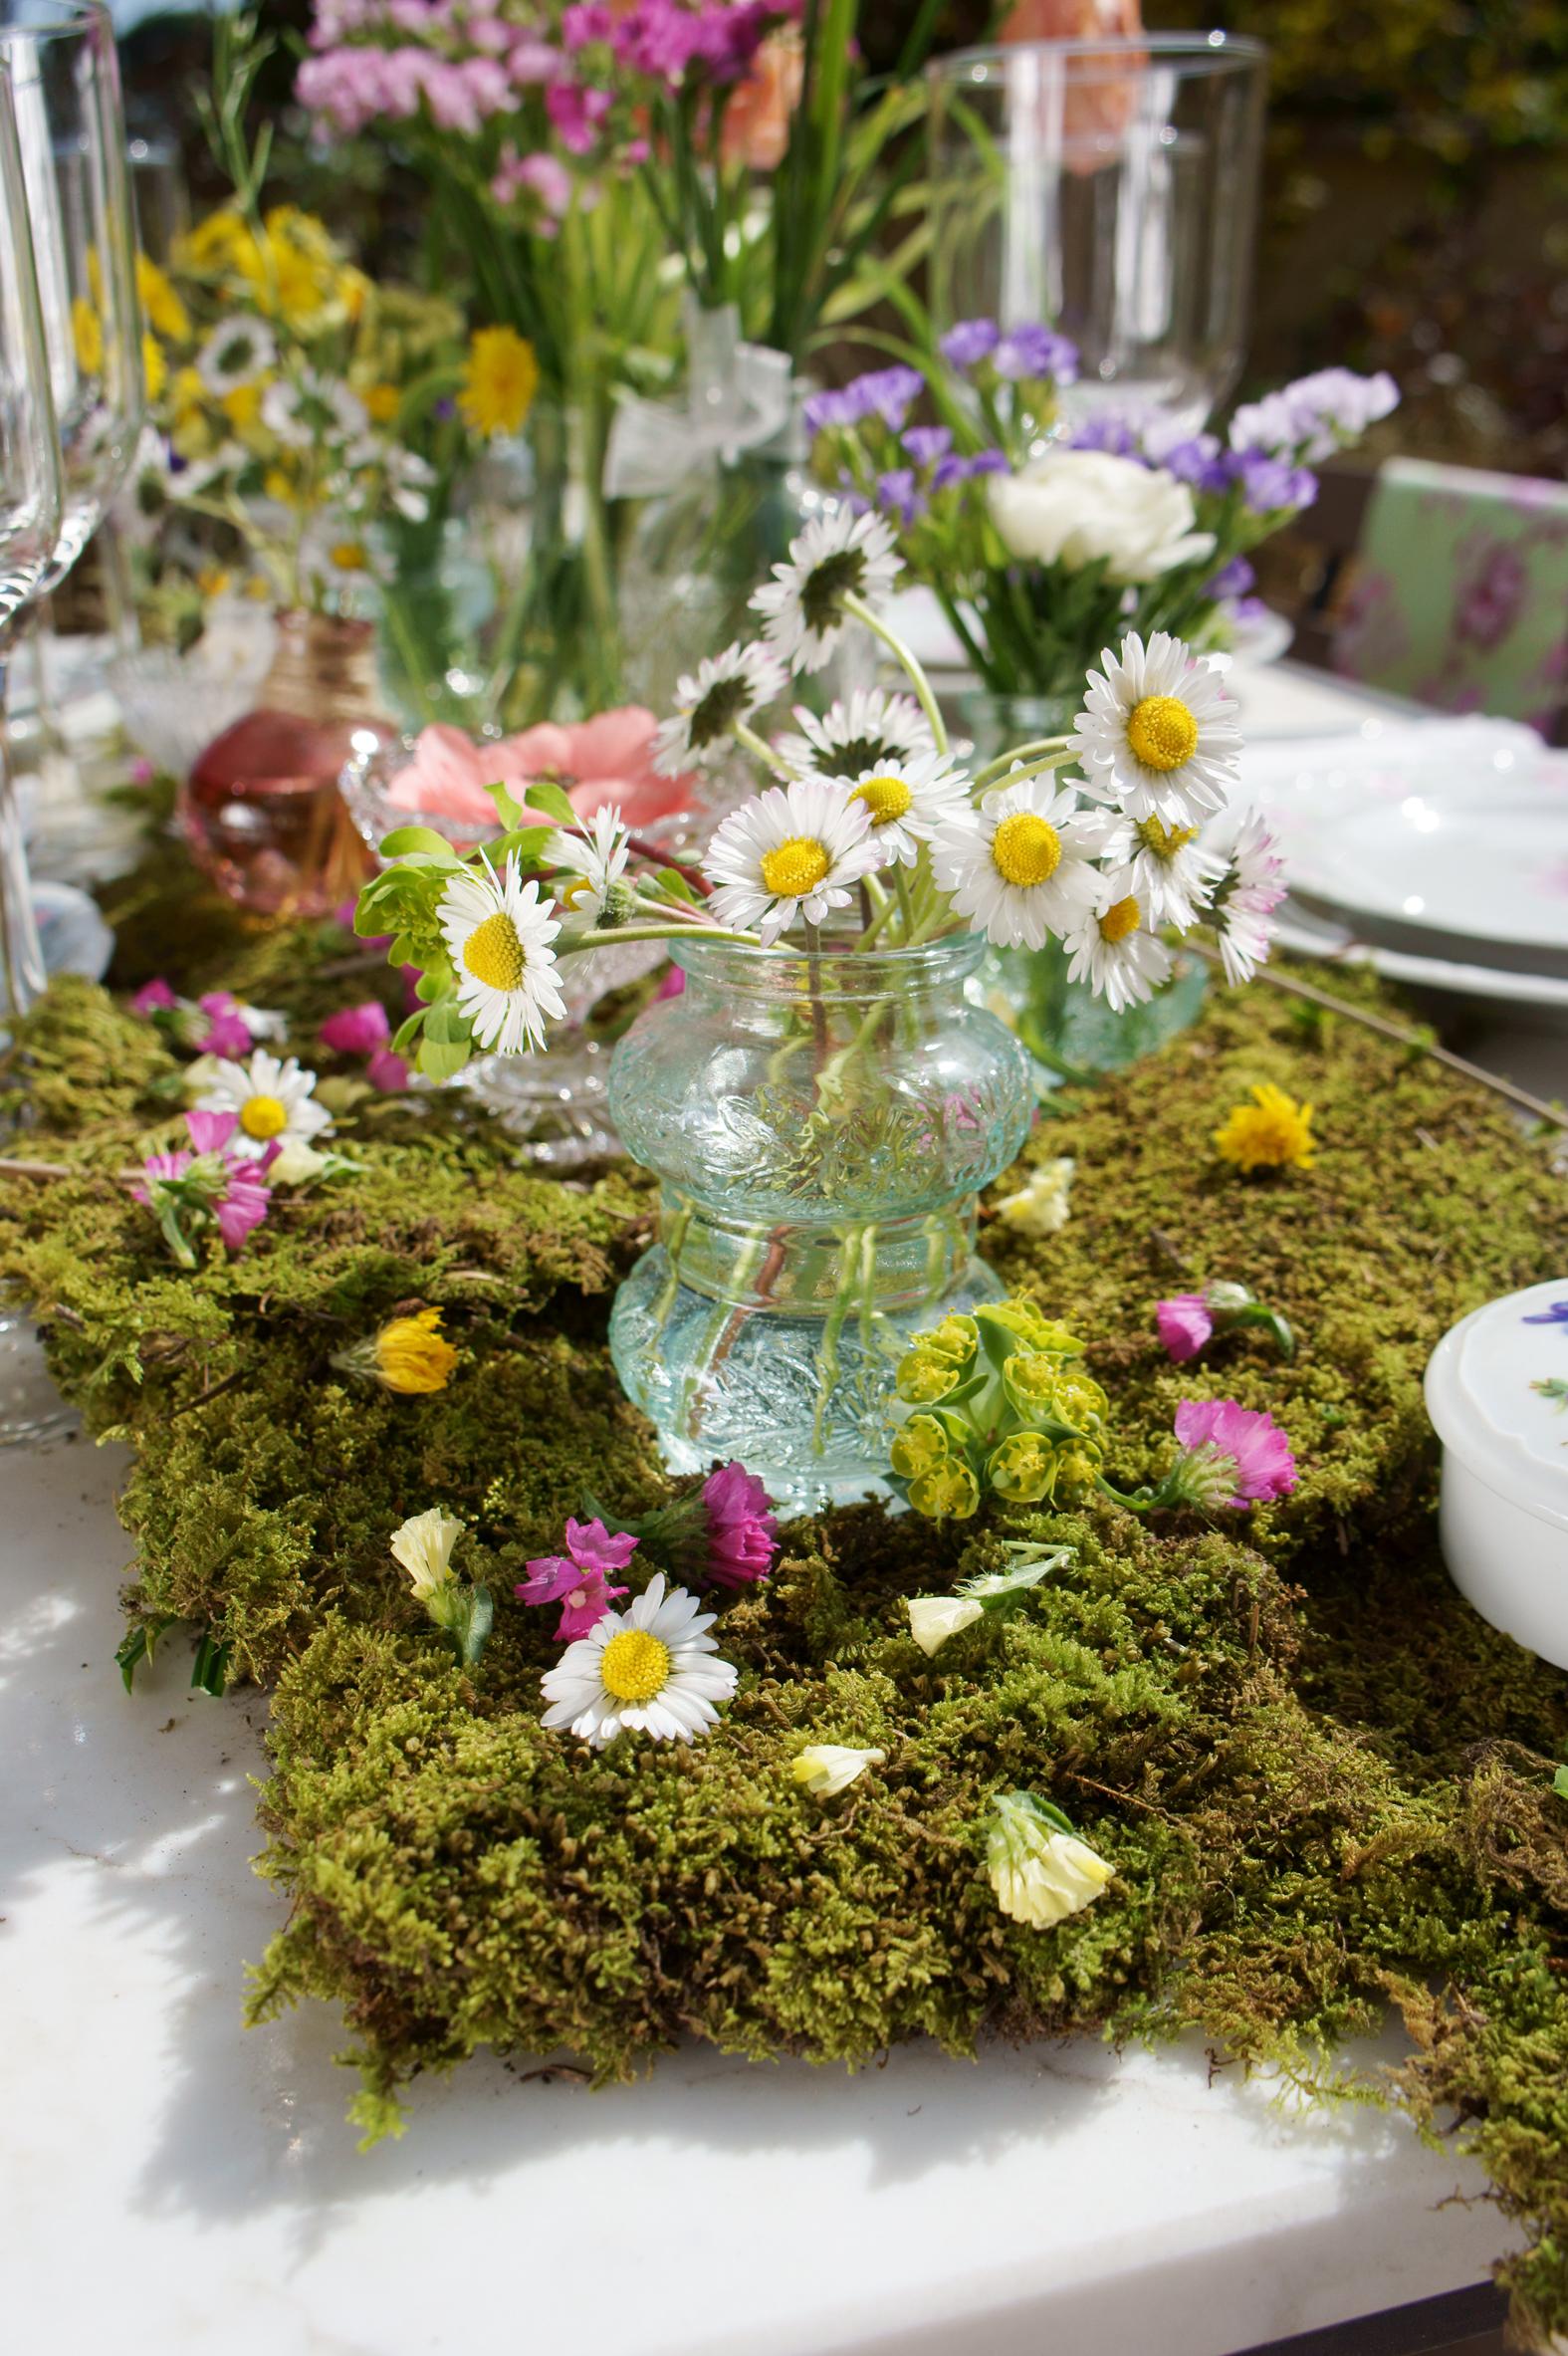 Un giardino per la tavola di primavera - Tavola di primavera idee ...